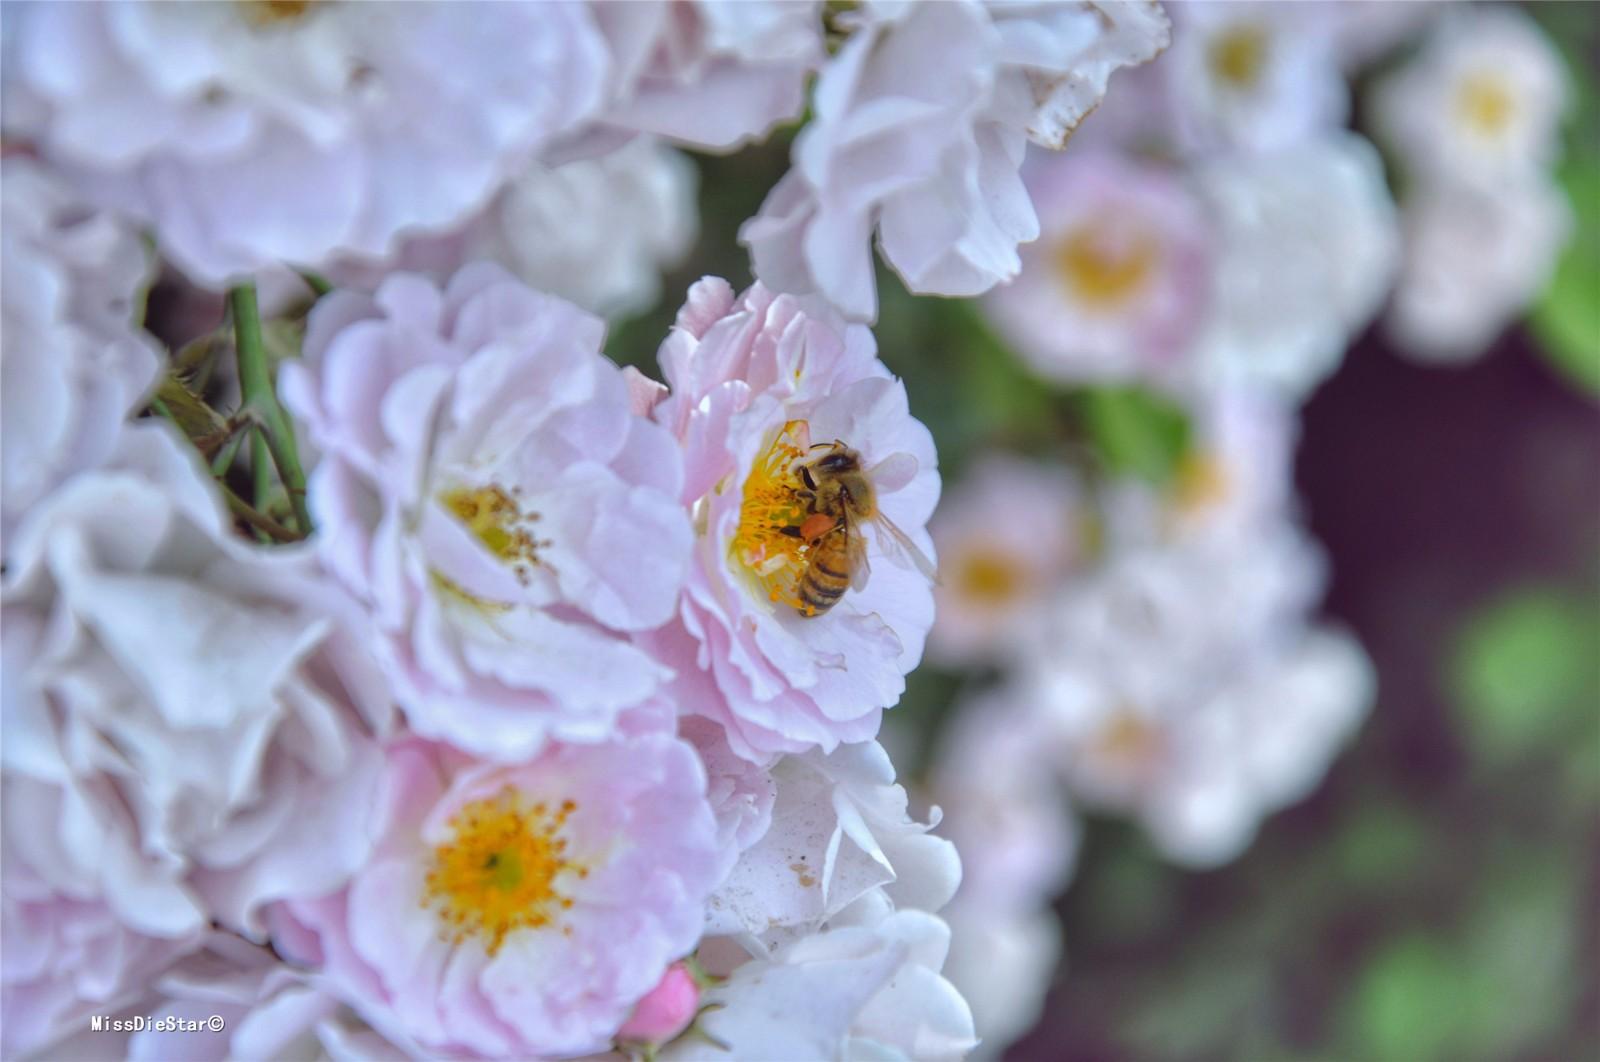 【11周年,我的旅行故事】新晋世界地质公园有个停车场,蔷薇盛开令人着迷